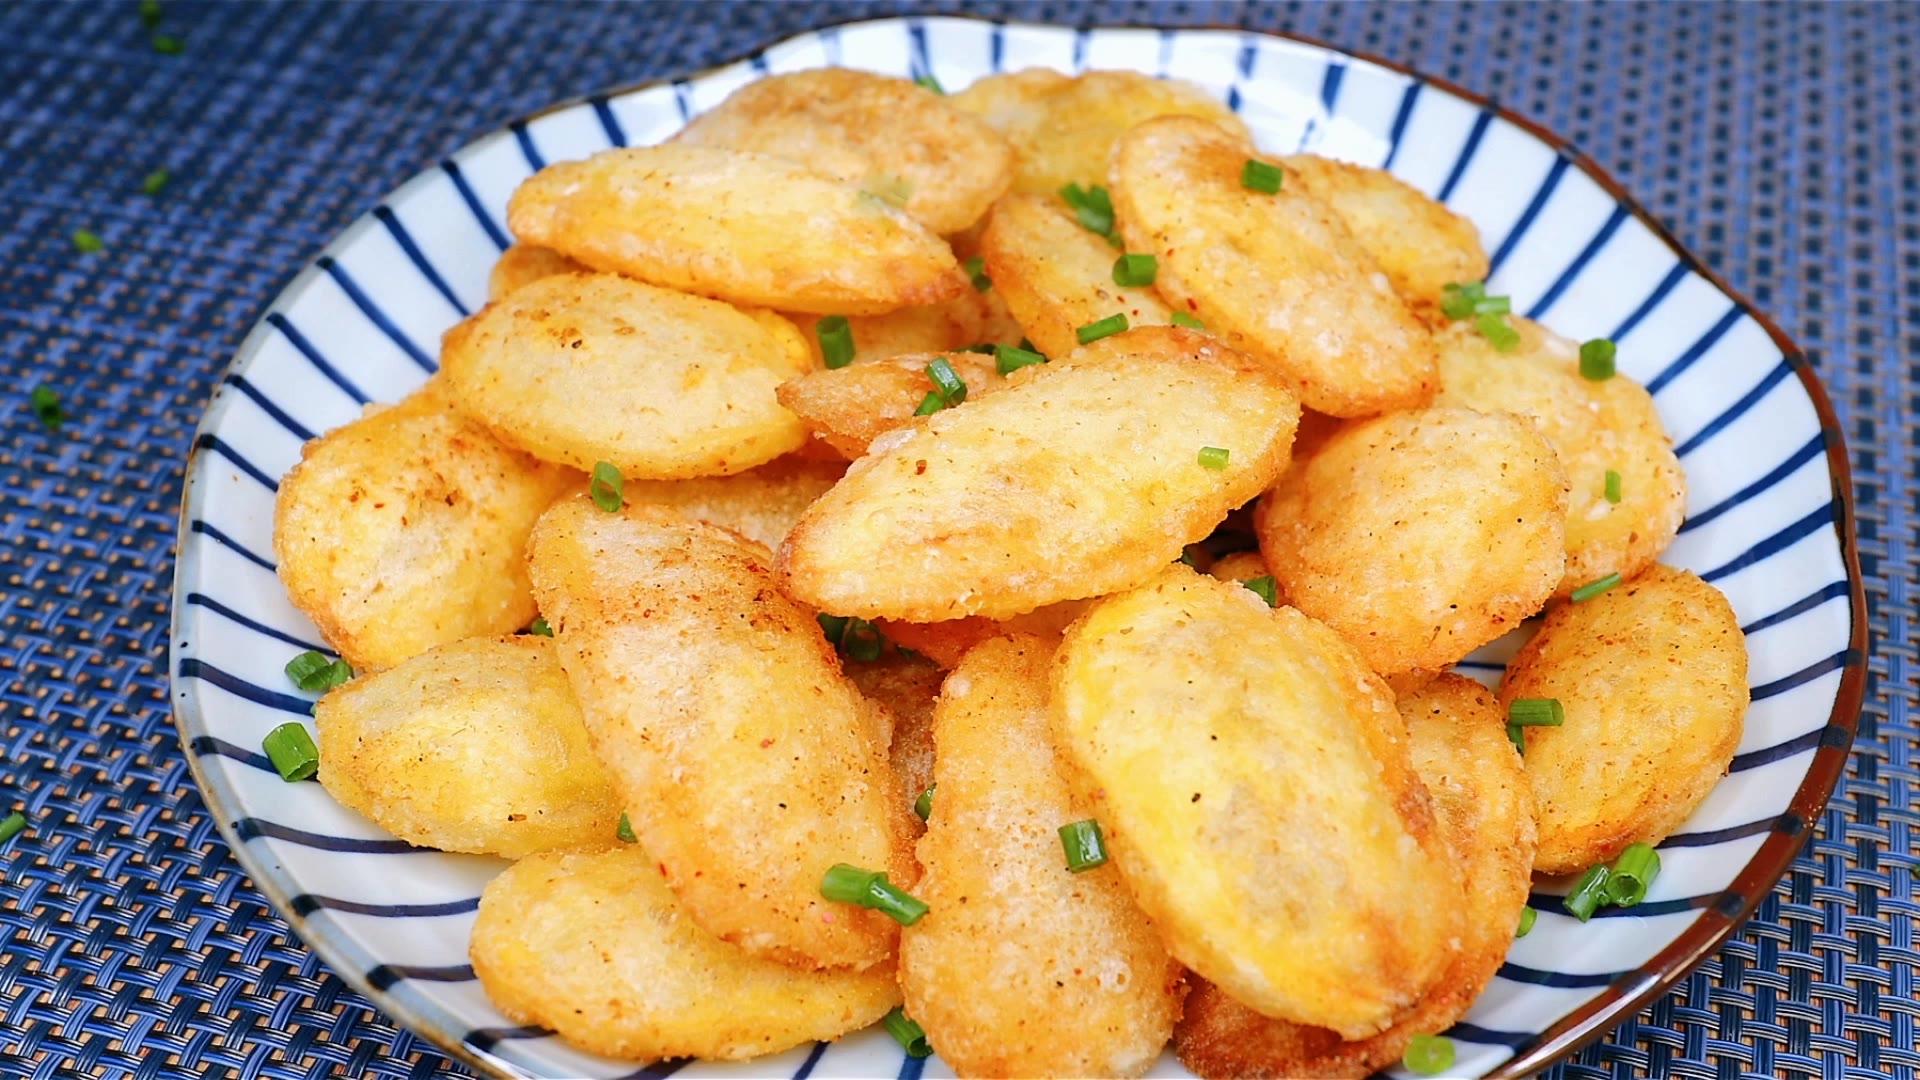 土豆这样做太香了,不炒不烤也不煎,个个都空心,出锅孩子抢着吃